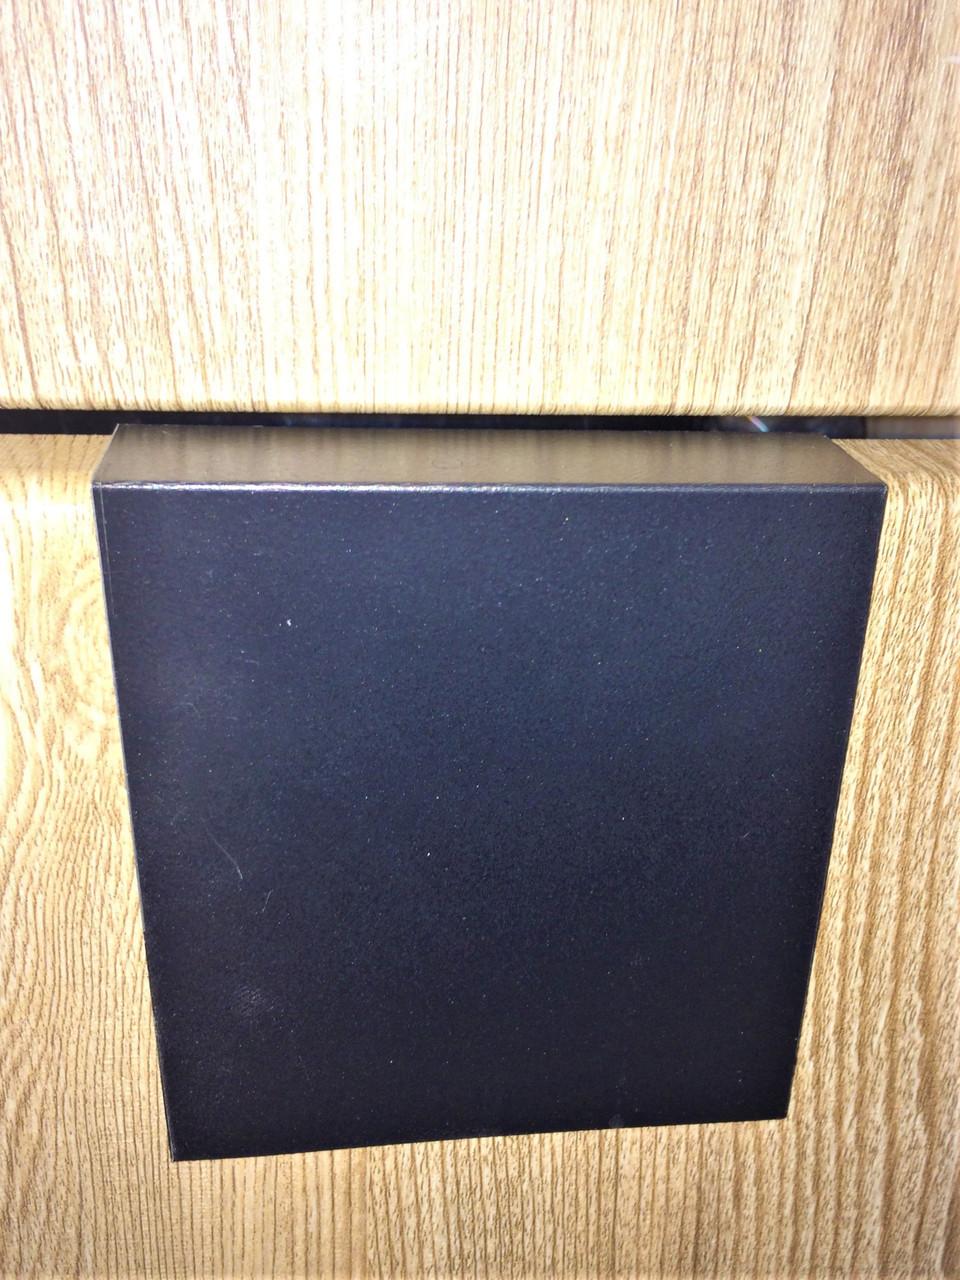 Меловой ценник 5х10 см П-образный на полку. Грифельная табличка на стеллаж. Для надписей мелом и маркером.